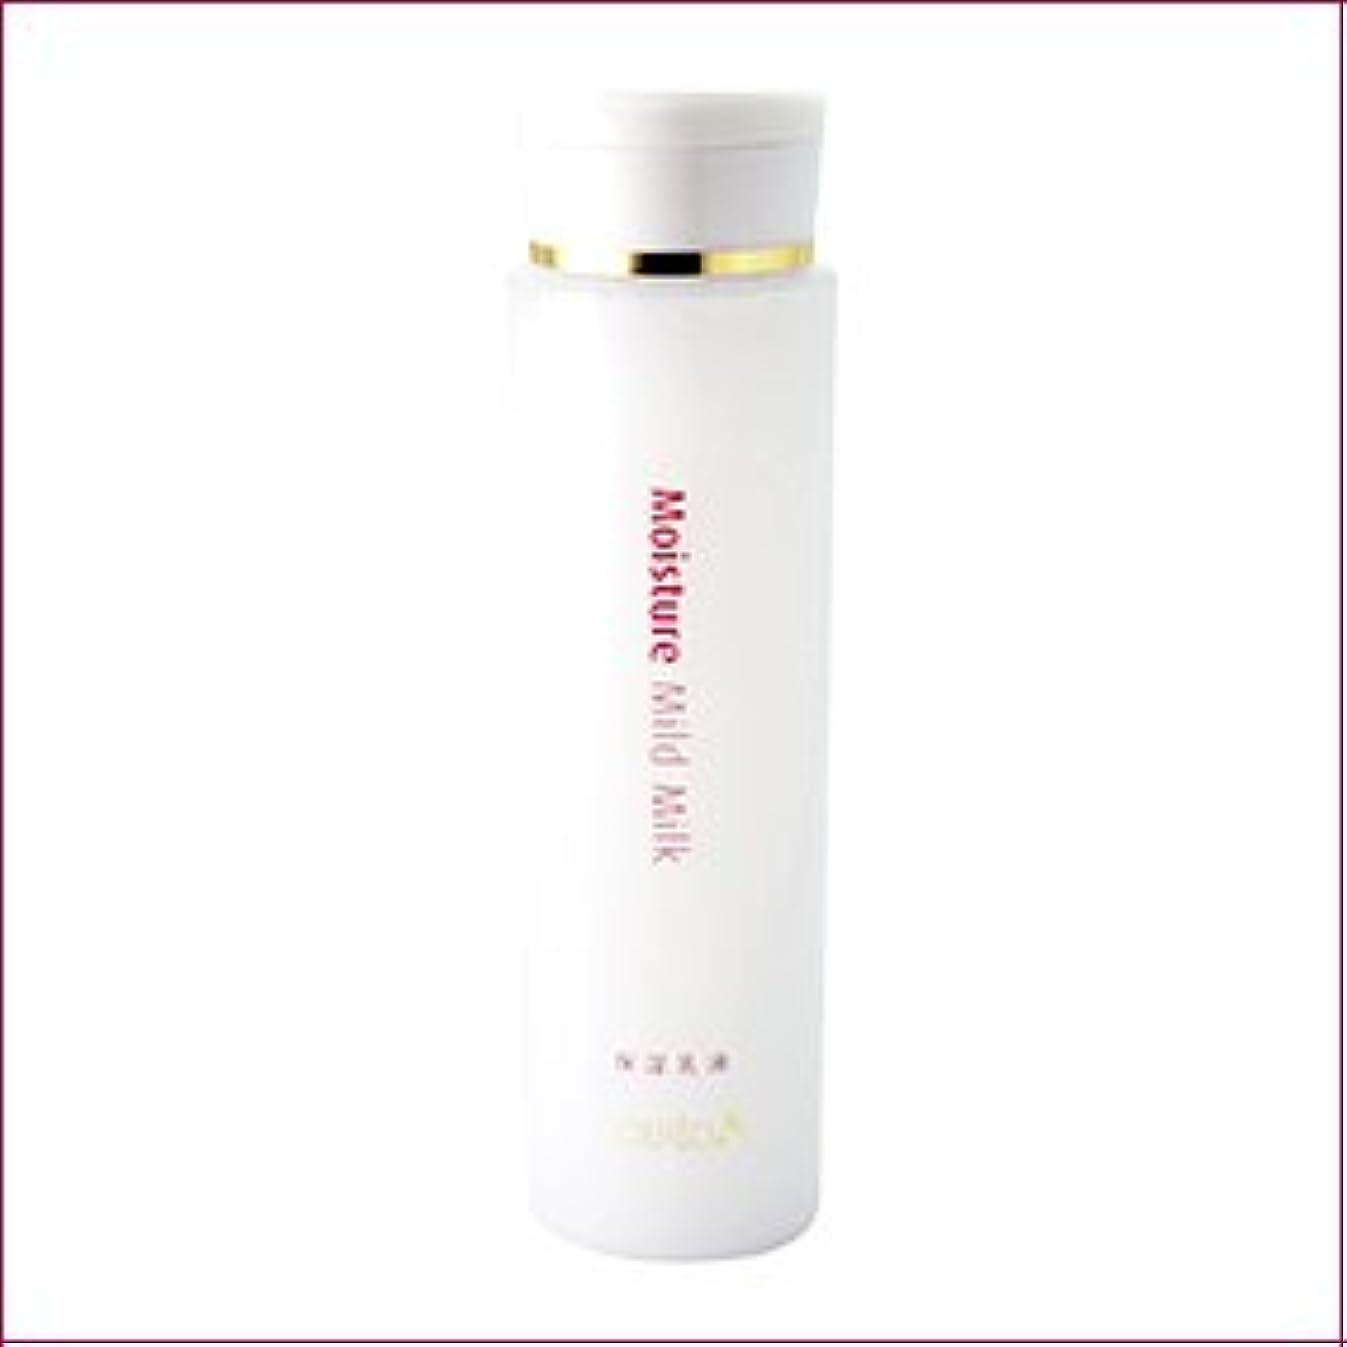 販売員事業最大のポルトA 超しっとりタイプ モイスチャー保湿乳液 R